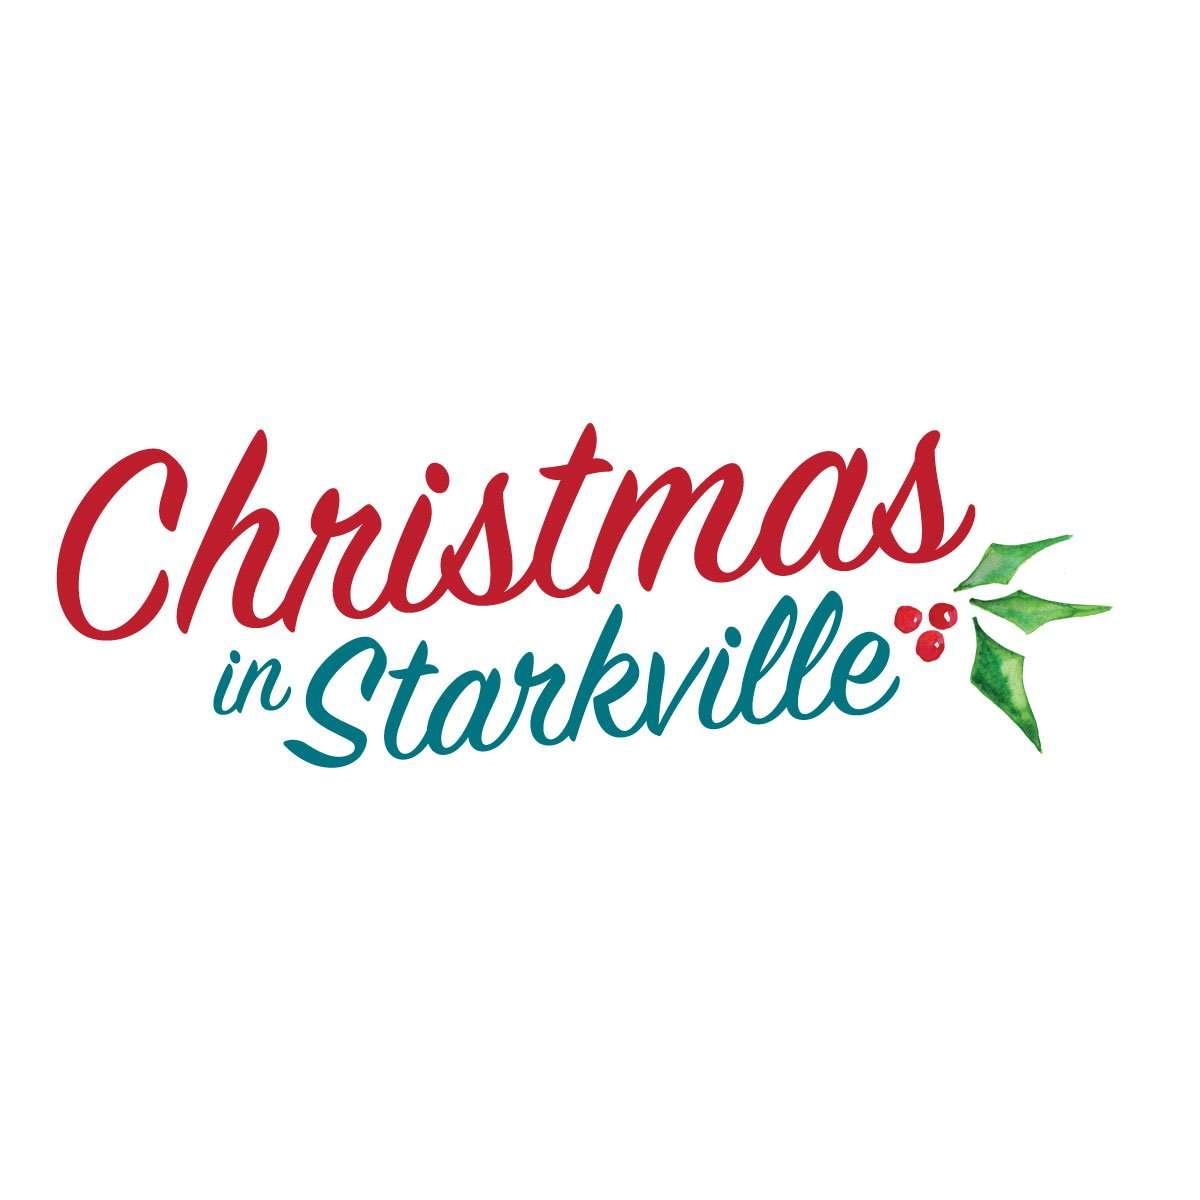 Christmas in Starkville